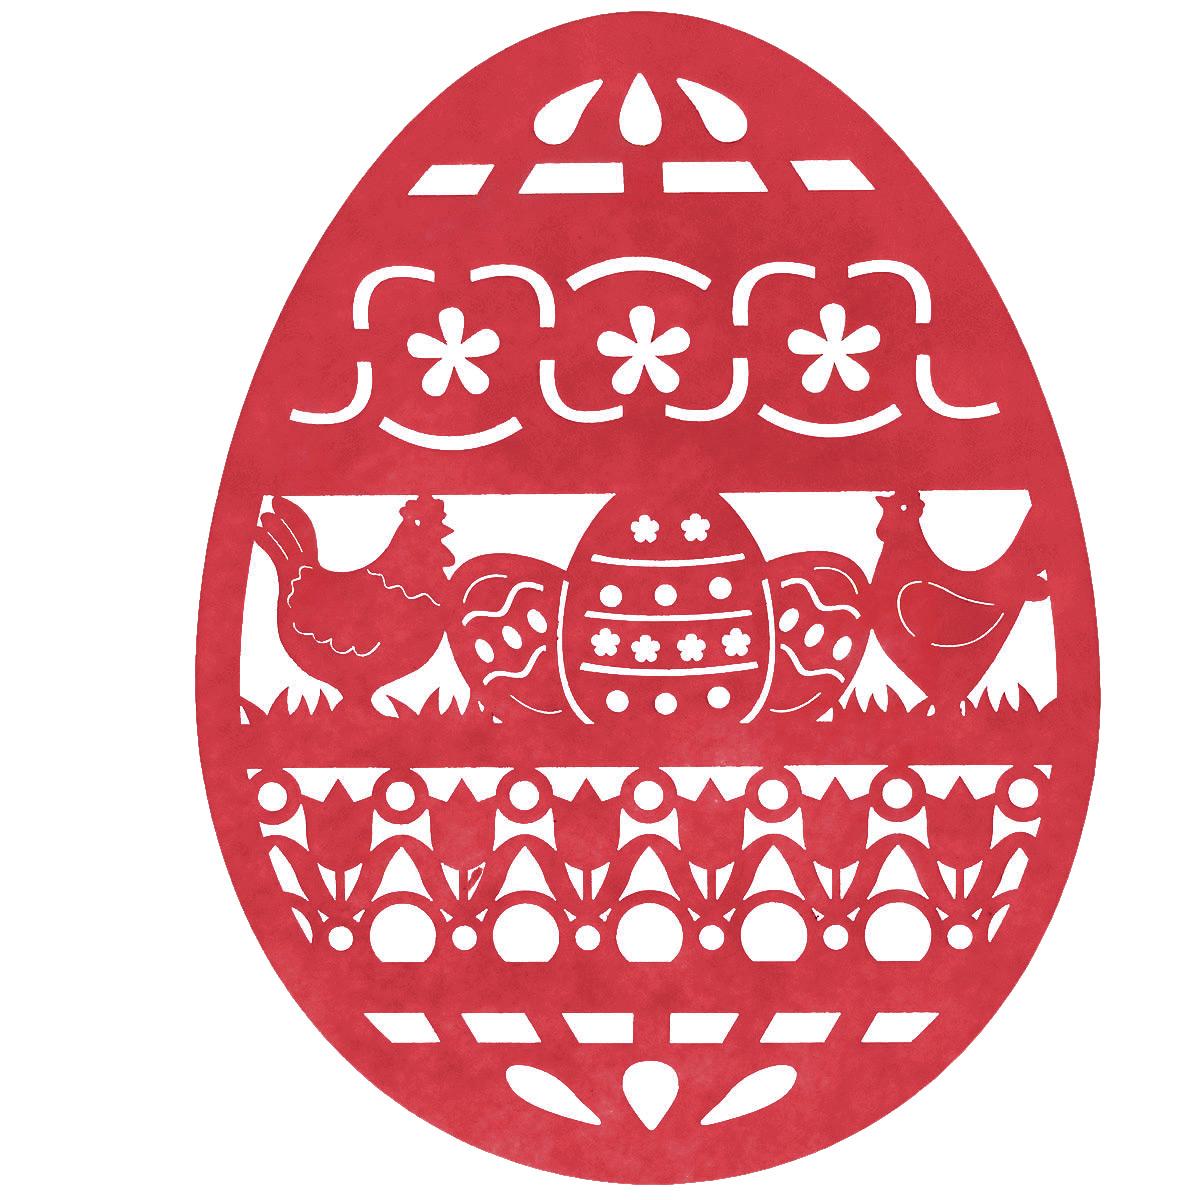 Салфетка Home Queen Веселый праздник, цвет: красный, 25 х 33 х 0,2 см66842_4Салфетка Home Queen Веселый праздник изготовлена из фетра, выполнена в форме яйца и имеет красивую перфорацию. Вы можете использовать салфетку для декорирования стола, комода, журнального столика. В любом случае она добавит в ваш дом стиля, изысканности и неповторимости и убережет мебель от царапин и потертостей. Размер салфетки: 25 см х 33 см х 0,2 см.